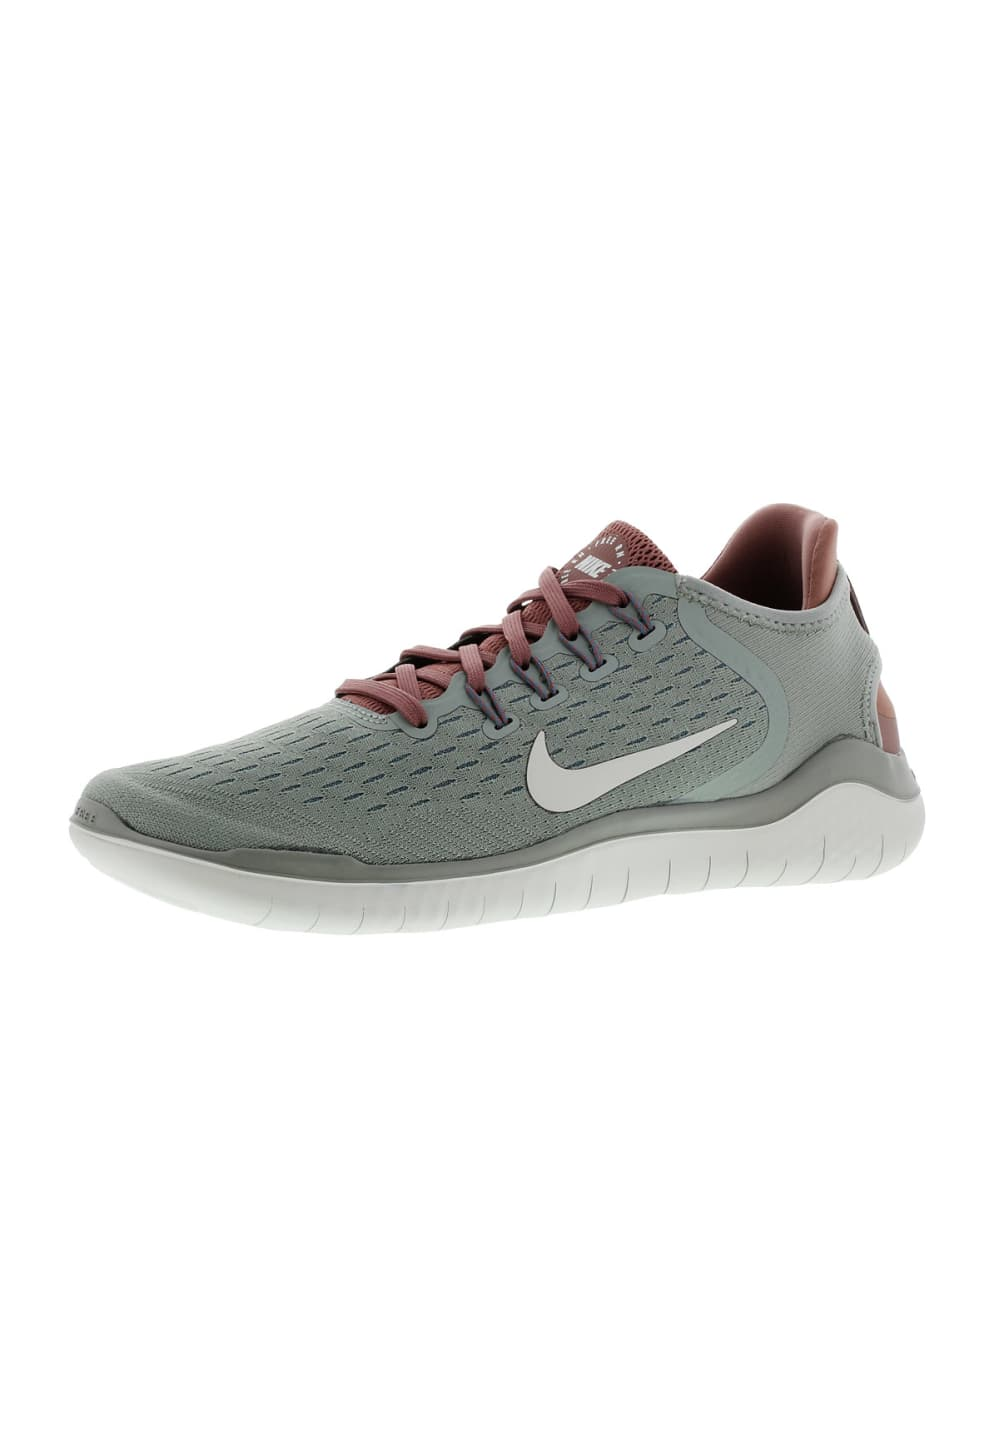 4d8dfeb2e6cc0 Nike Free RN 2018 - Running shoes for Women - Green | 21RUN